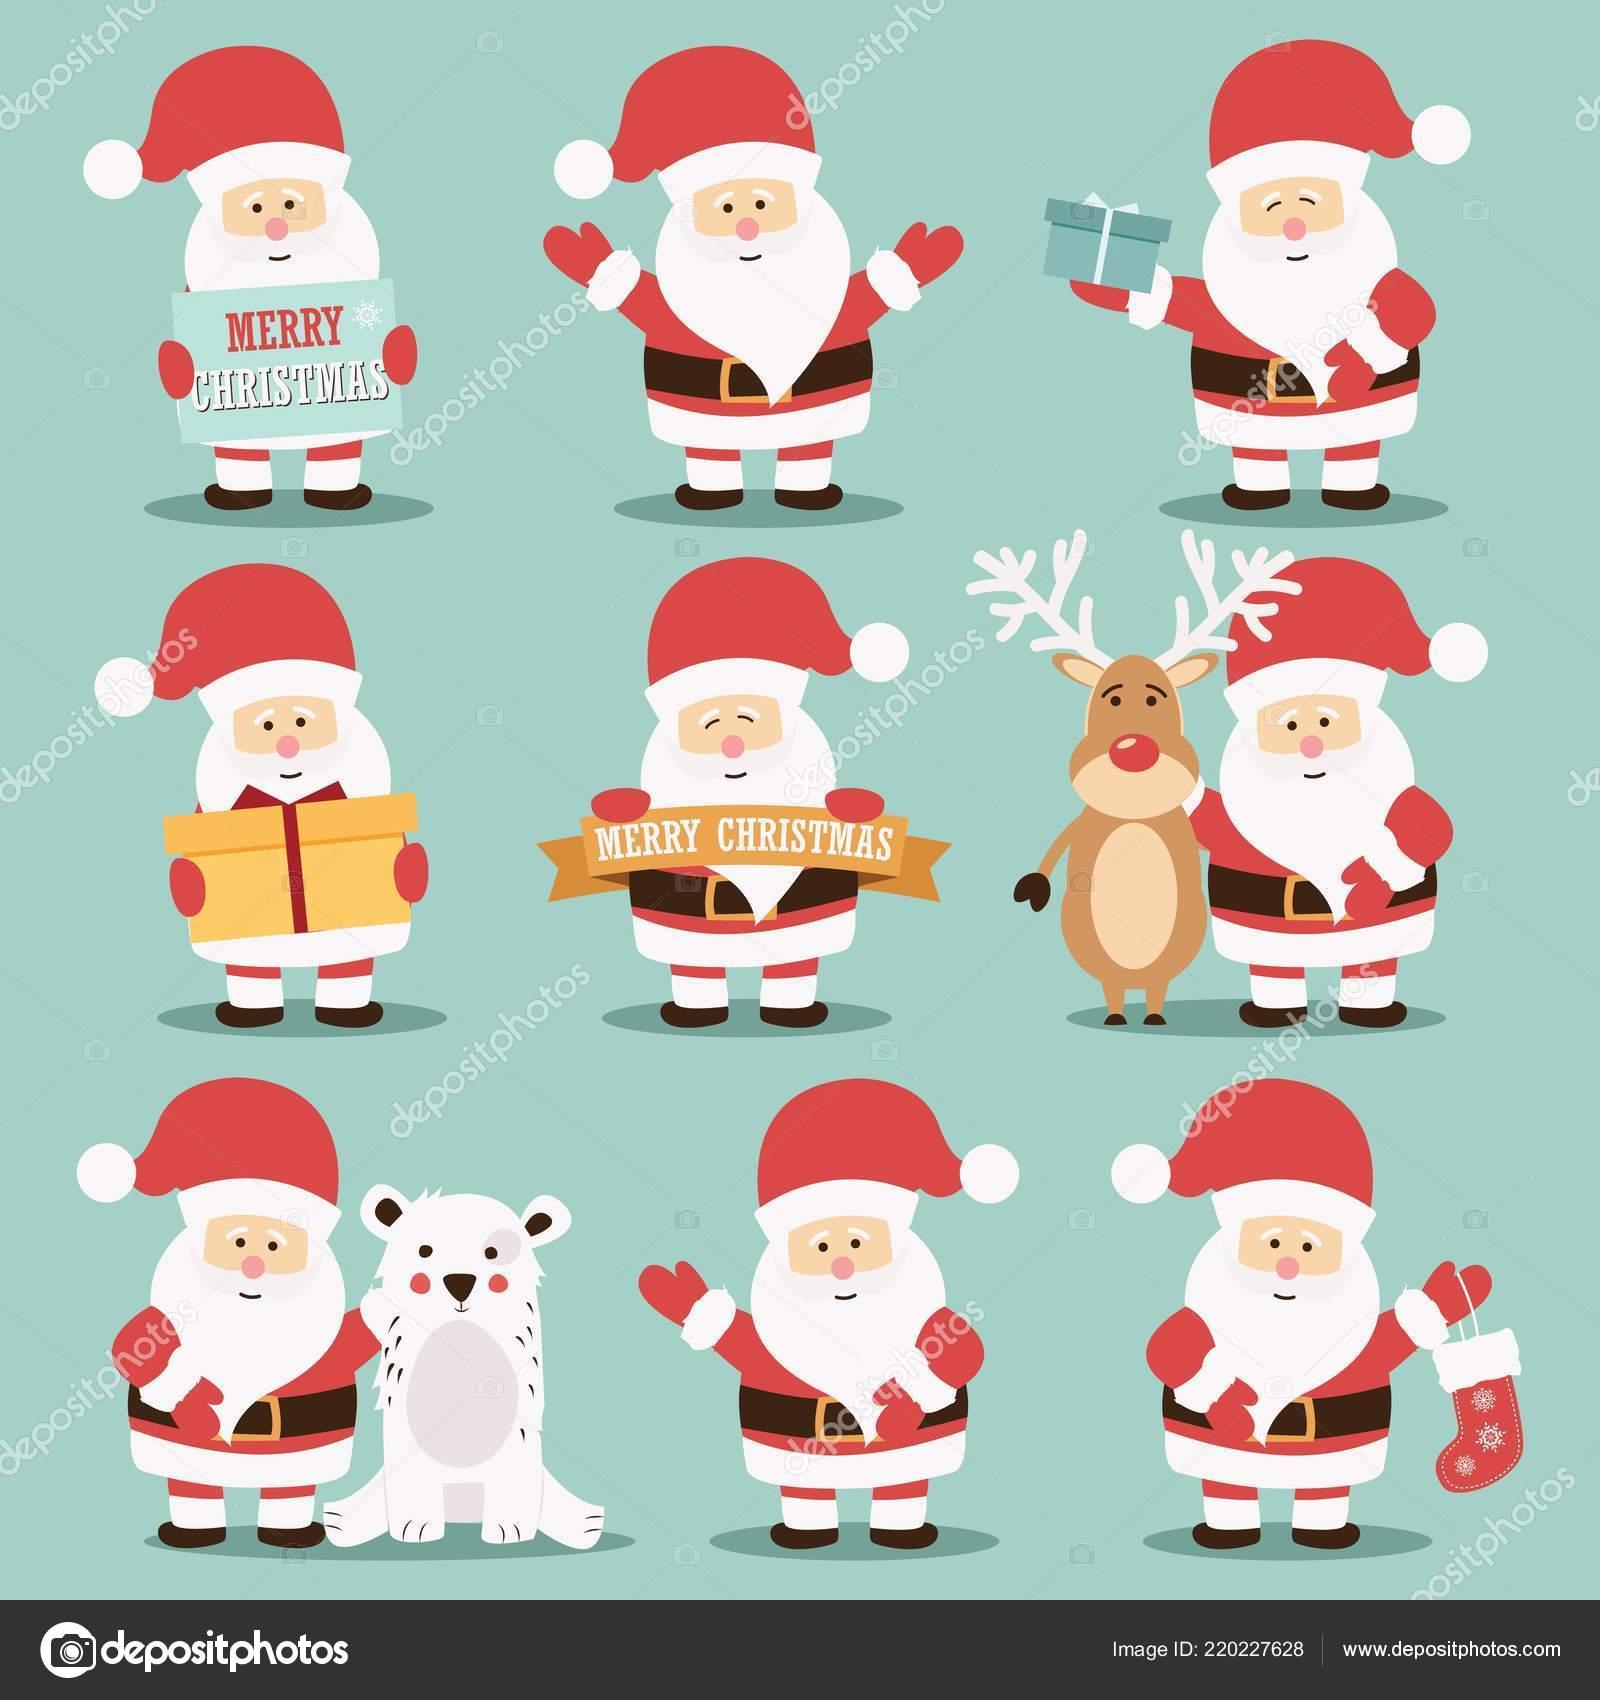 Immagini Simpatiche Di Babbo Natale.Illustrazione Babbo Natale Simpatiche Raccolta Simpatici